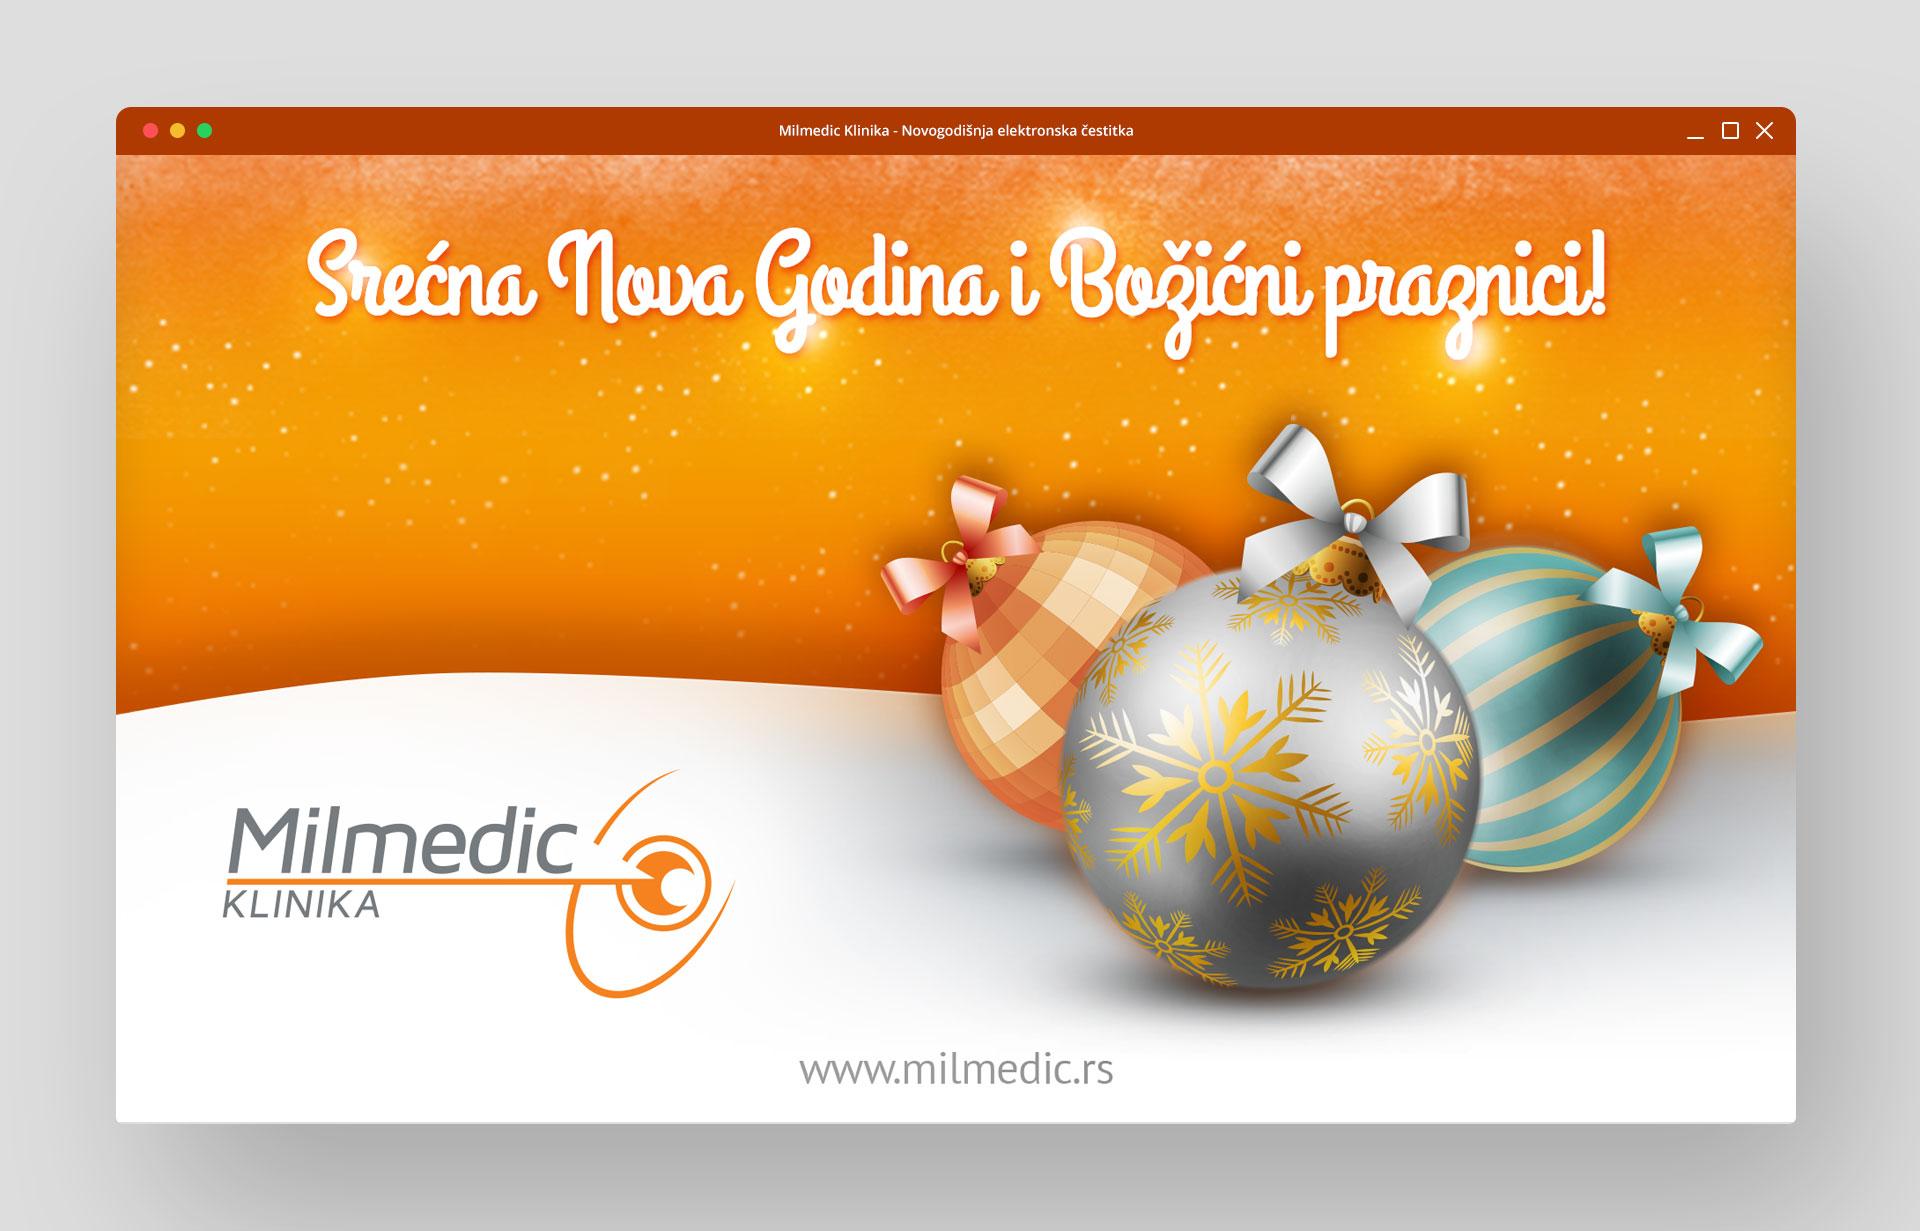 Dizajn novogodišnje elektronske čestitke za Milmedic kliniku